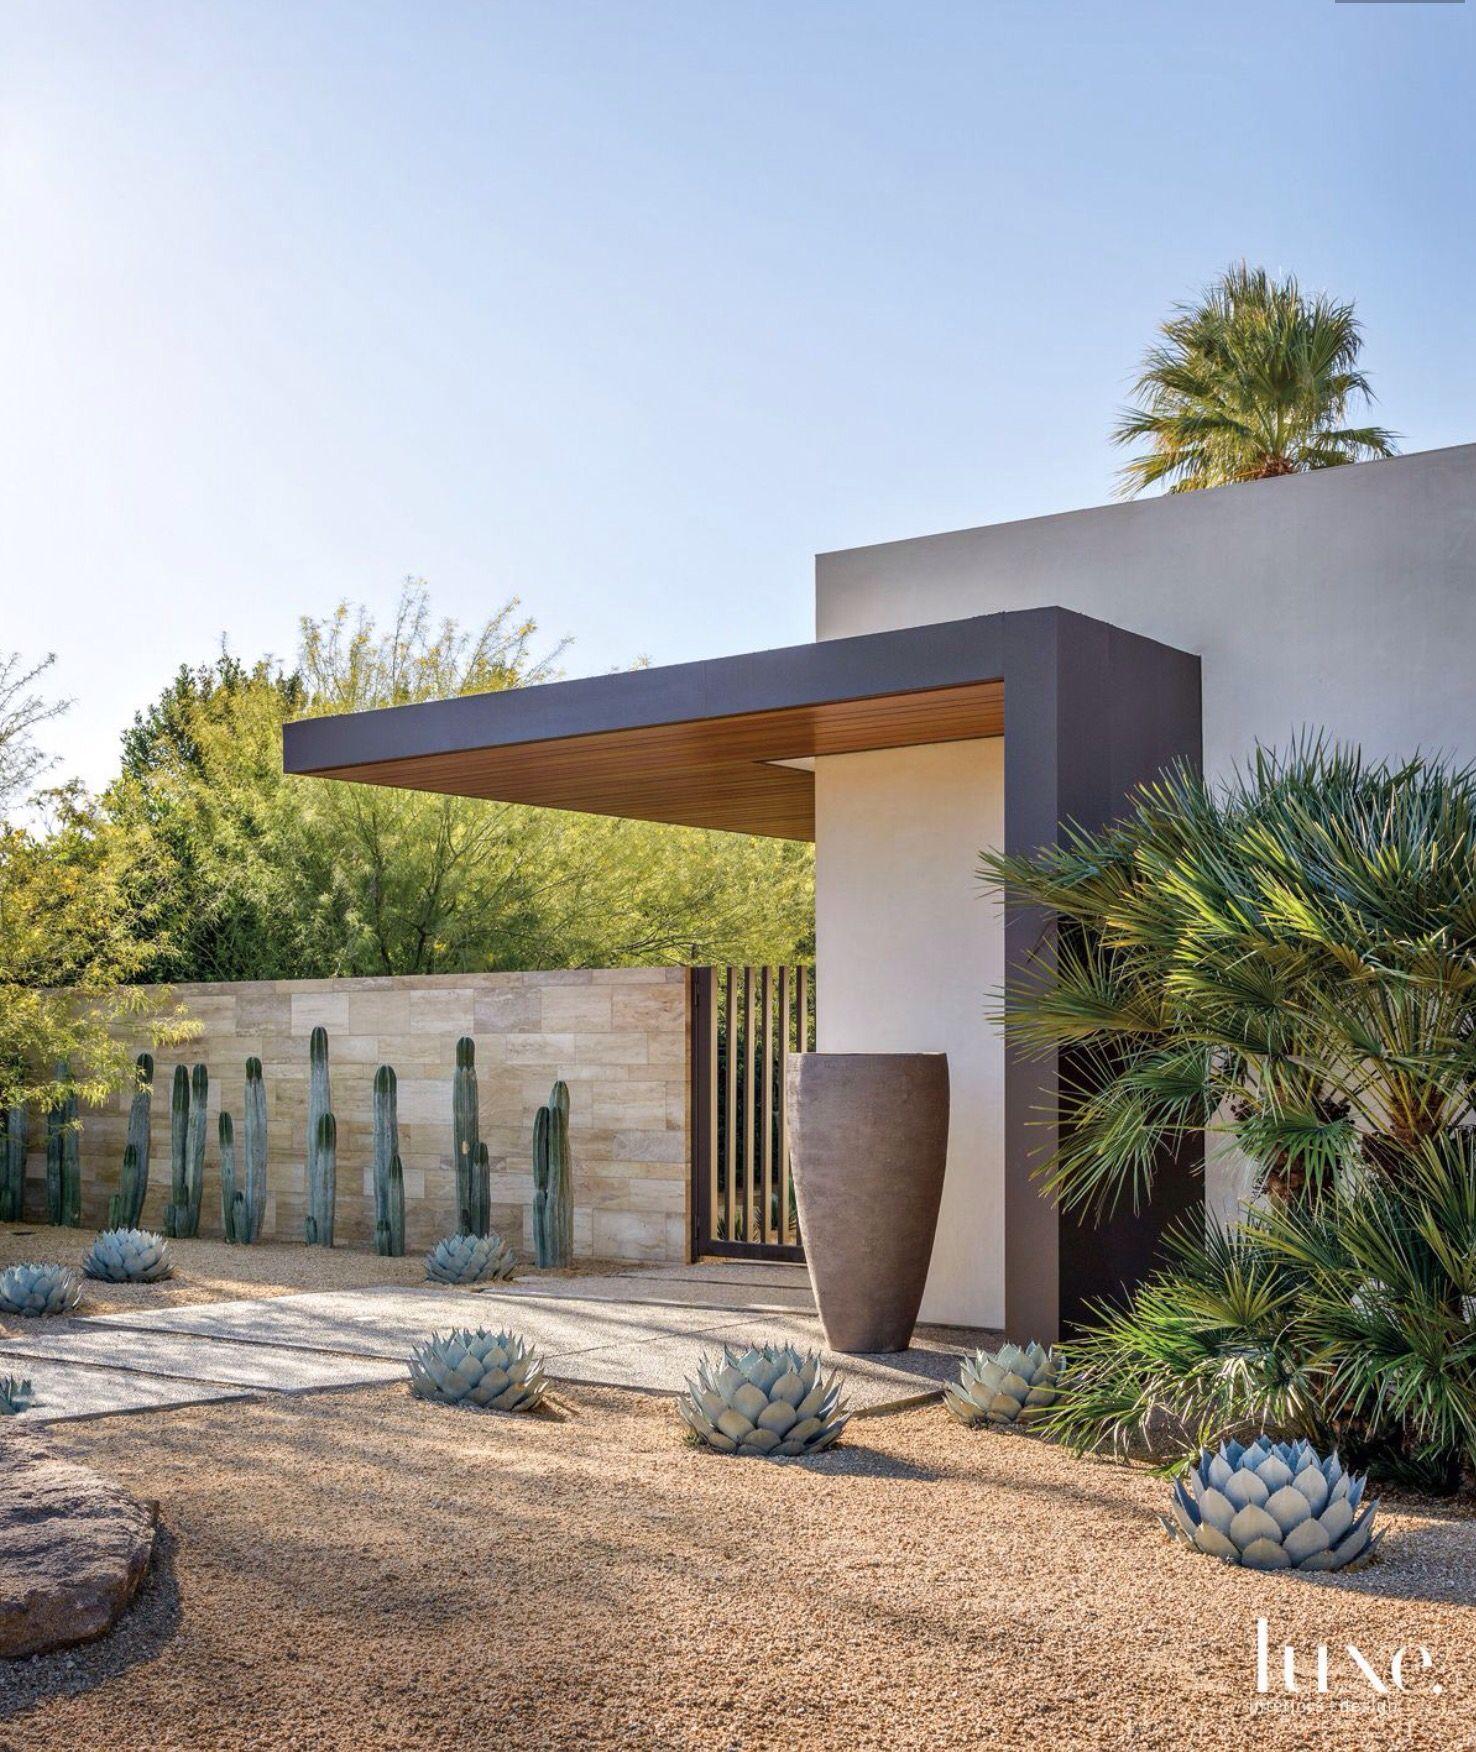 Puerta y cerramientos puertas exteriores y cerramientos pinterest fachadas arquitectura y - Jardines exteriores de casas modernas ...